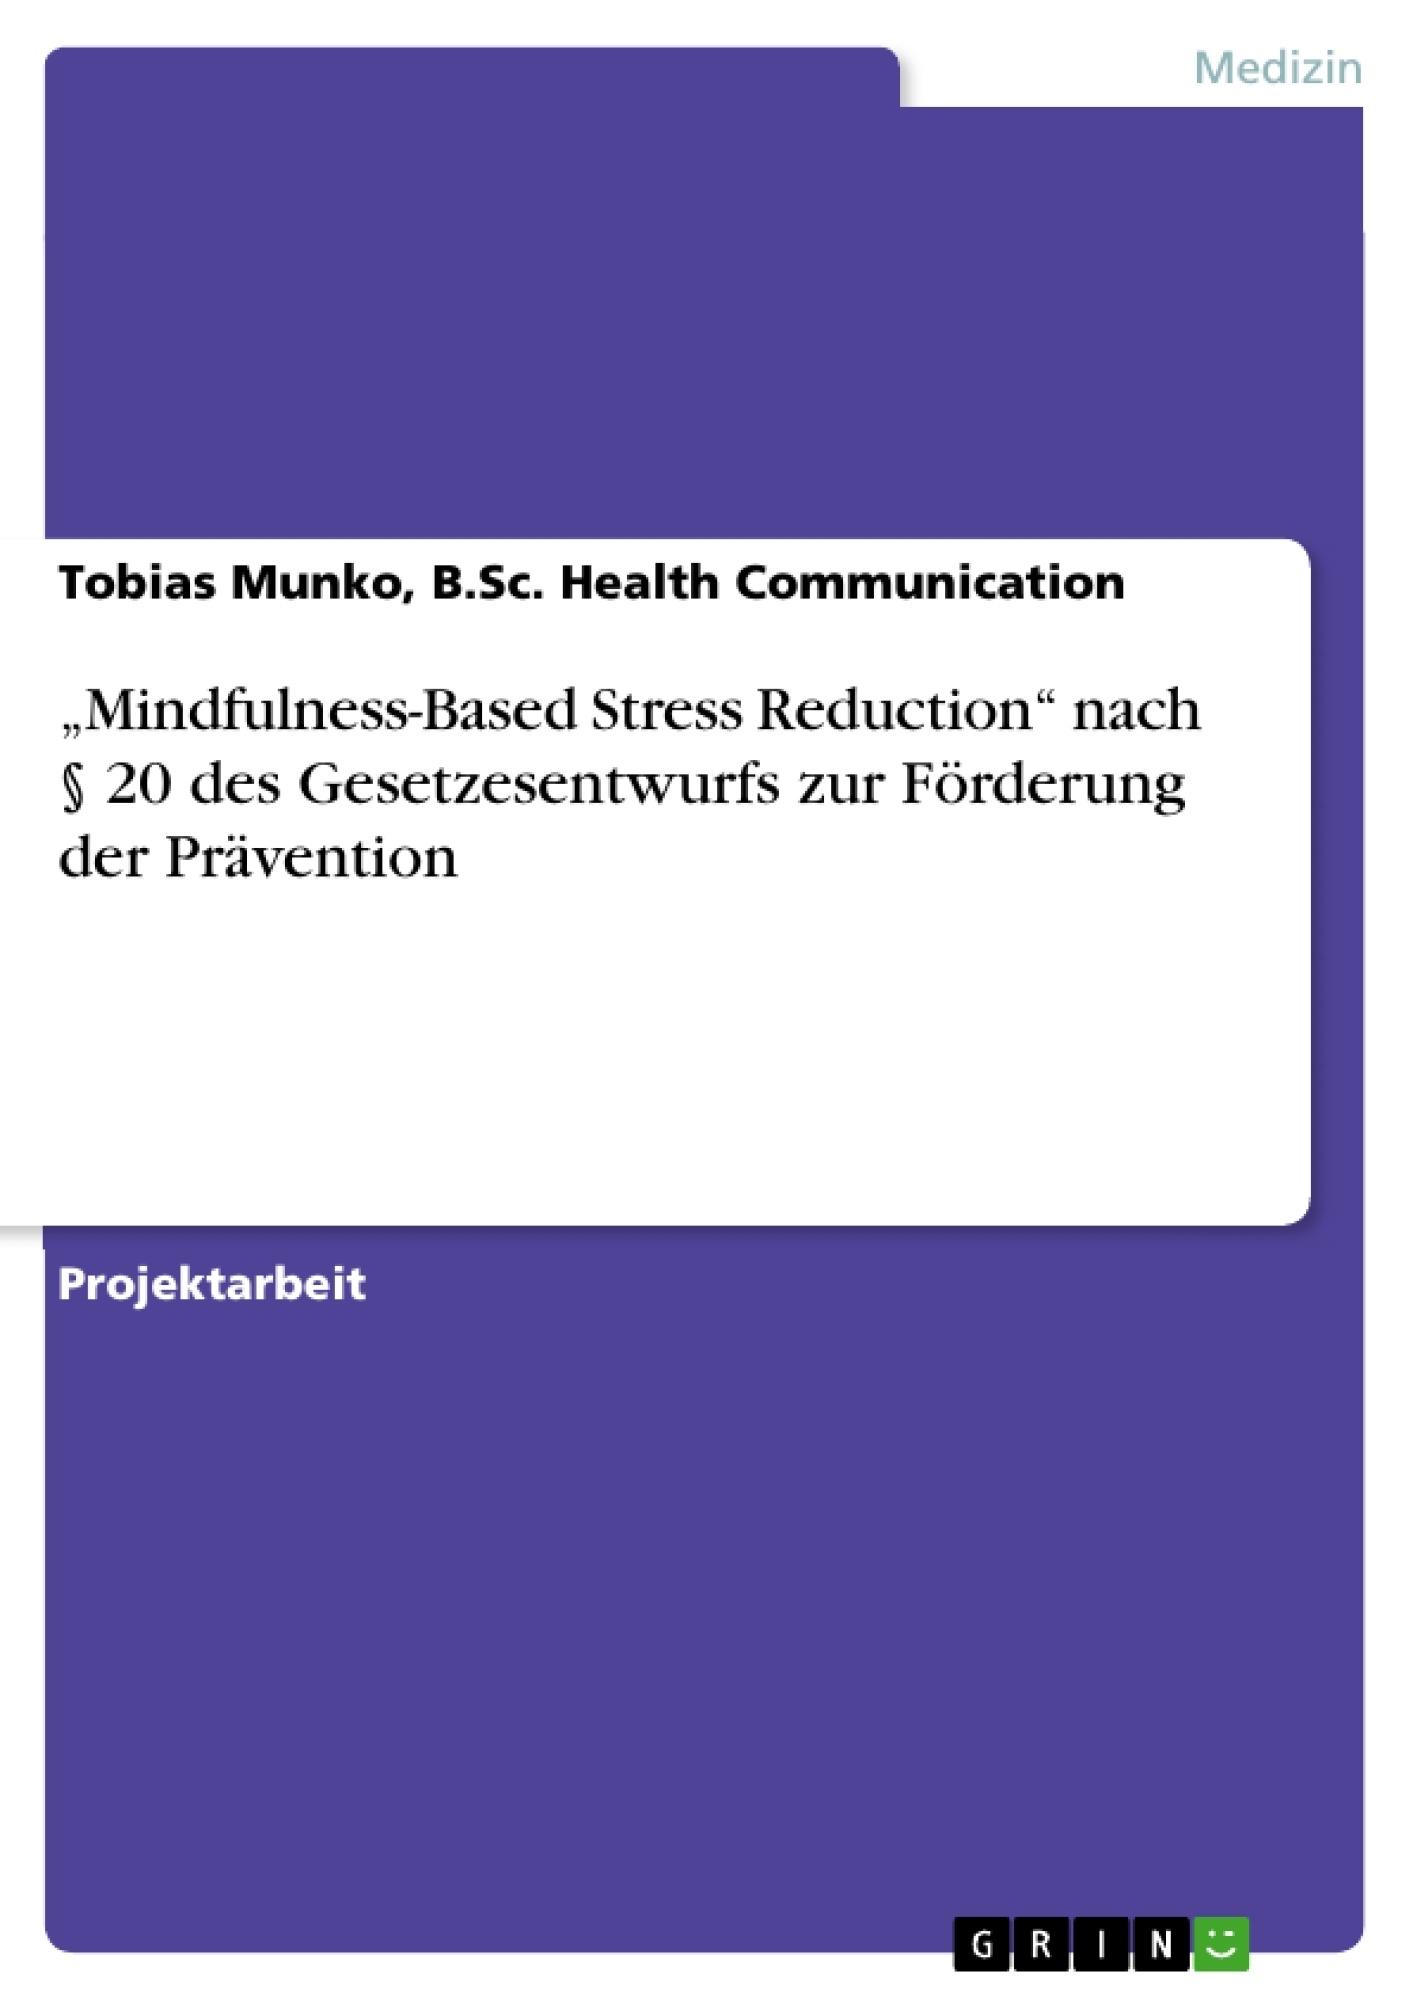 """Titel: """"Mindfulness-Based Stress Reduction"""" nach § 20 des Gesetzesentwurfs zur Förderung der Prävention"""